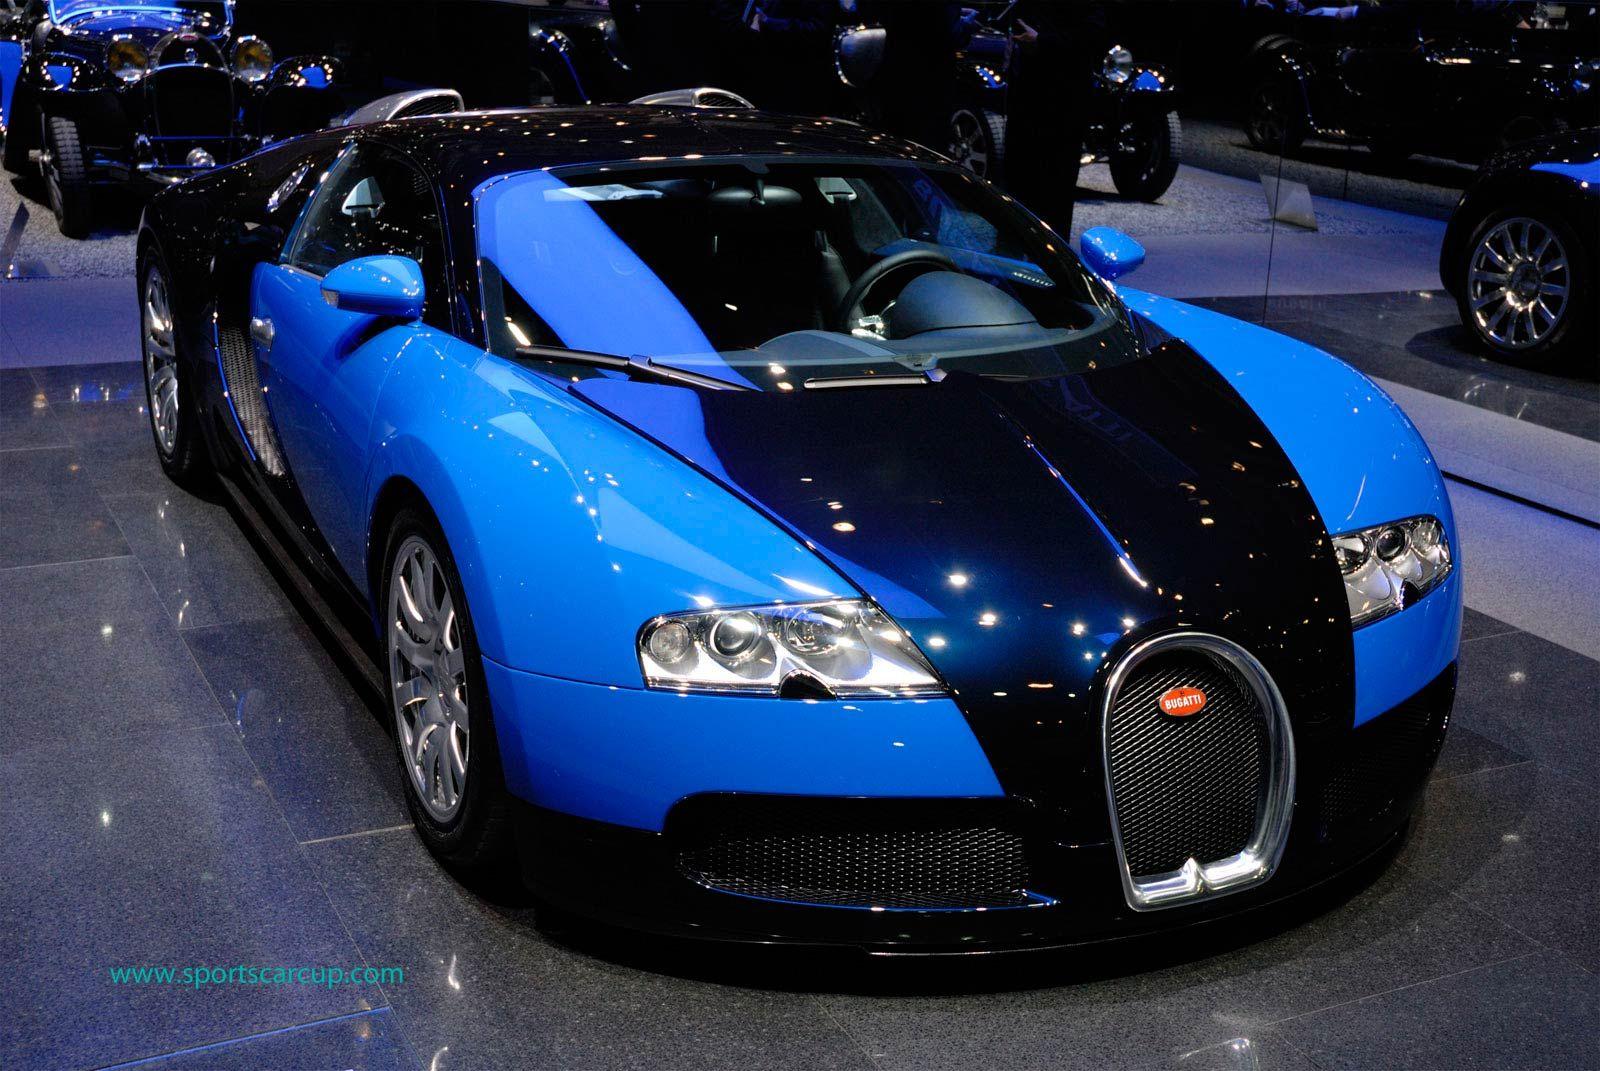 Bugatti Veyron 16 4 Bugatti Veyron 16 Top Sports Cars Bugatti Veyron